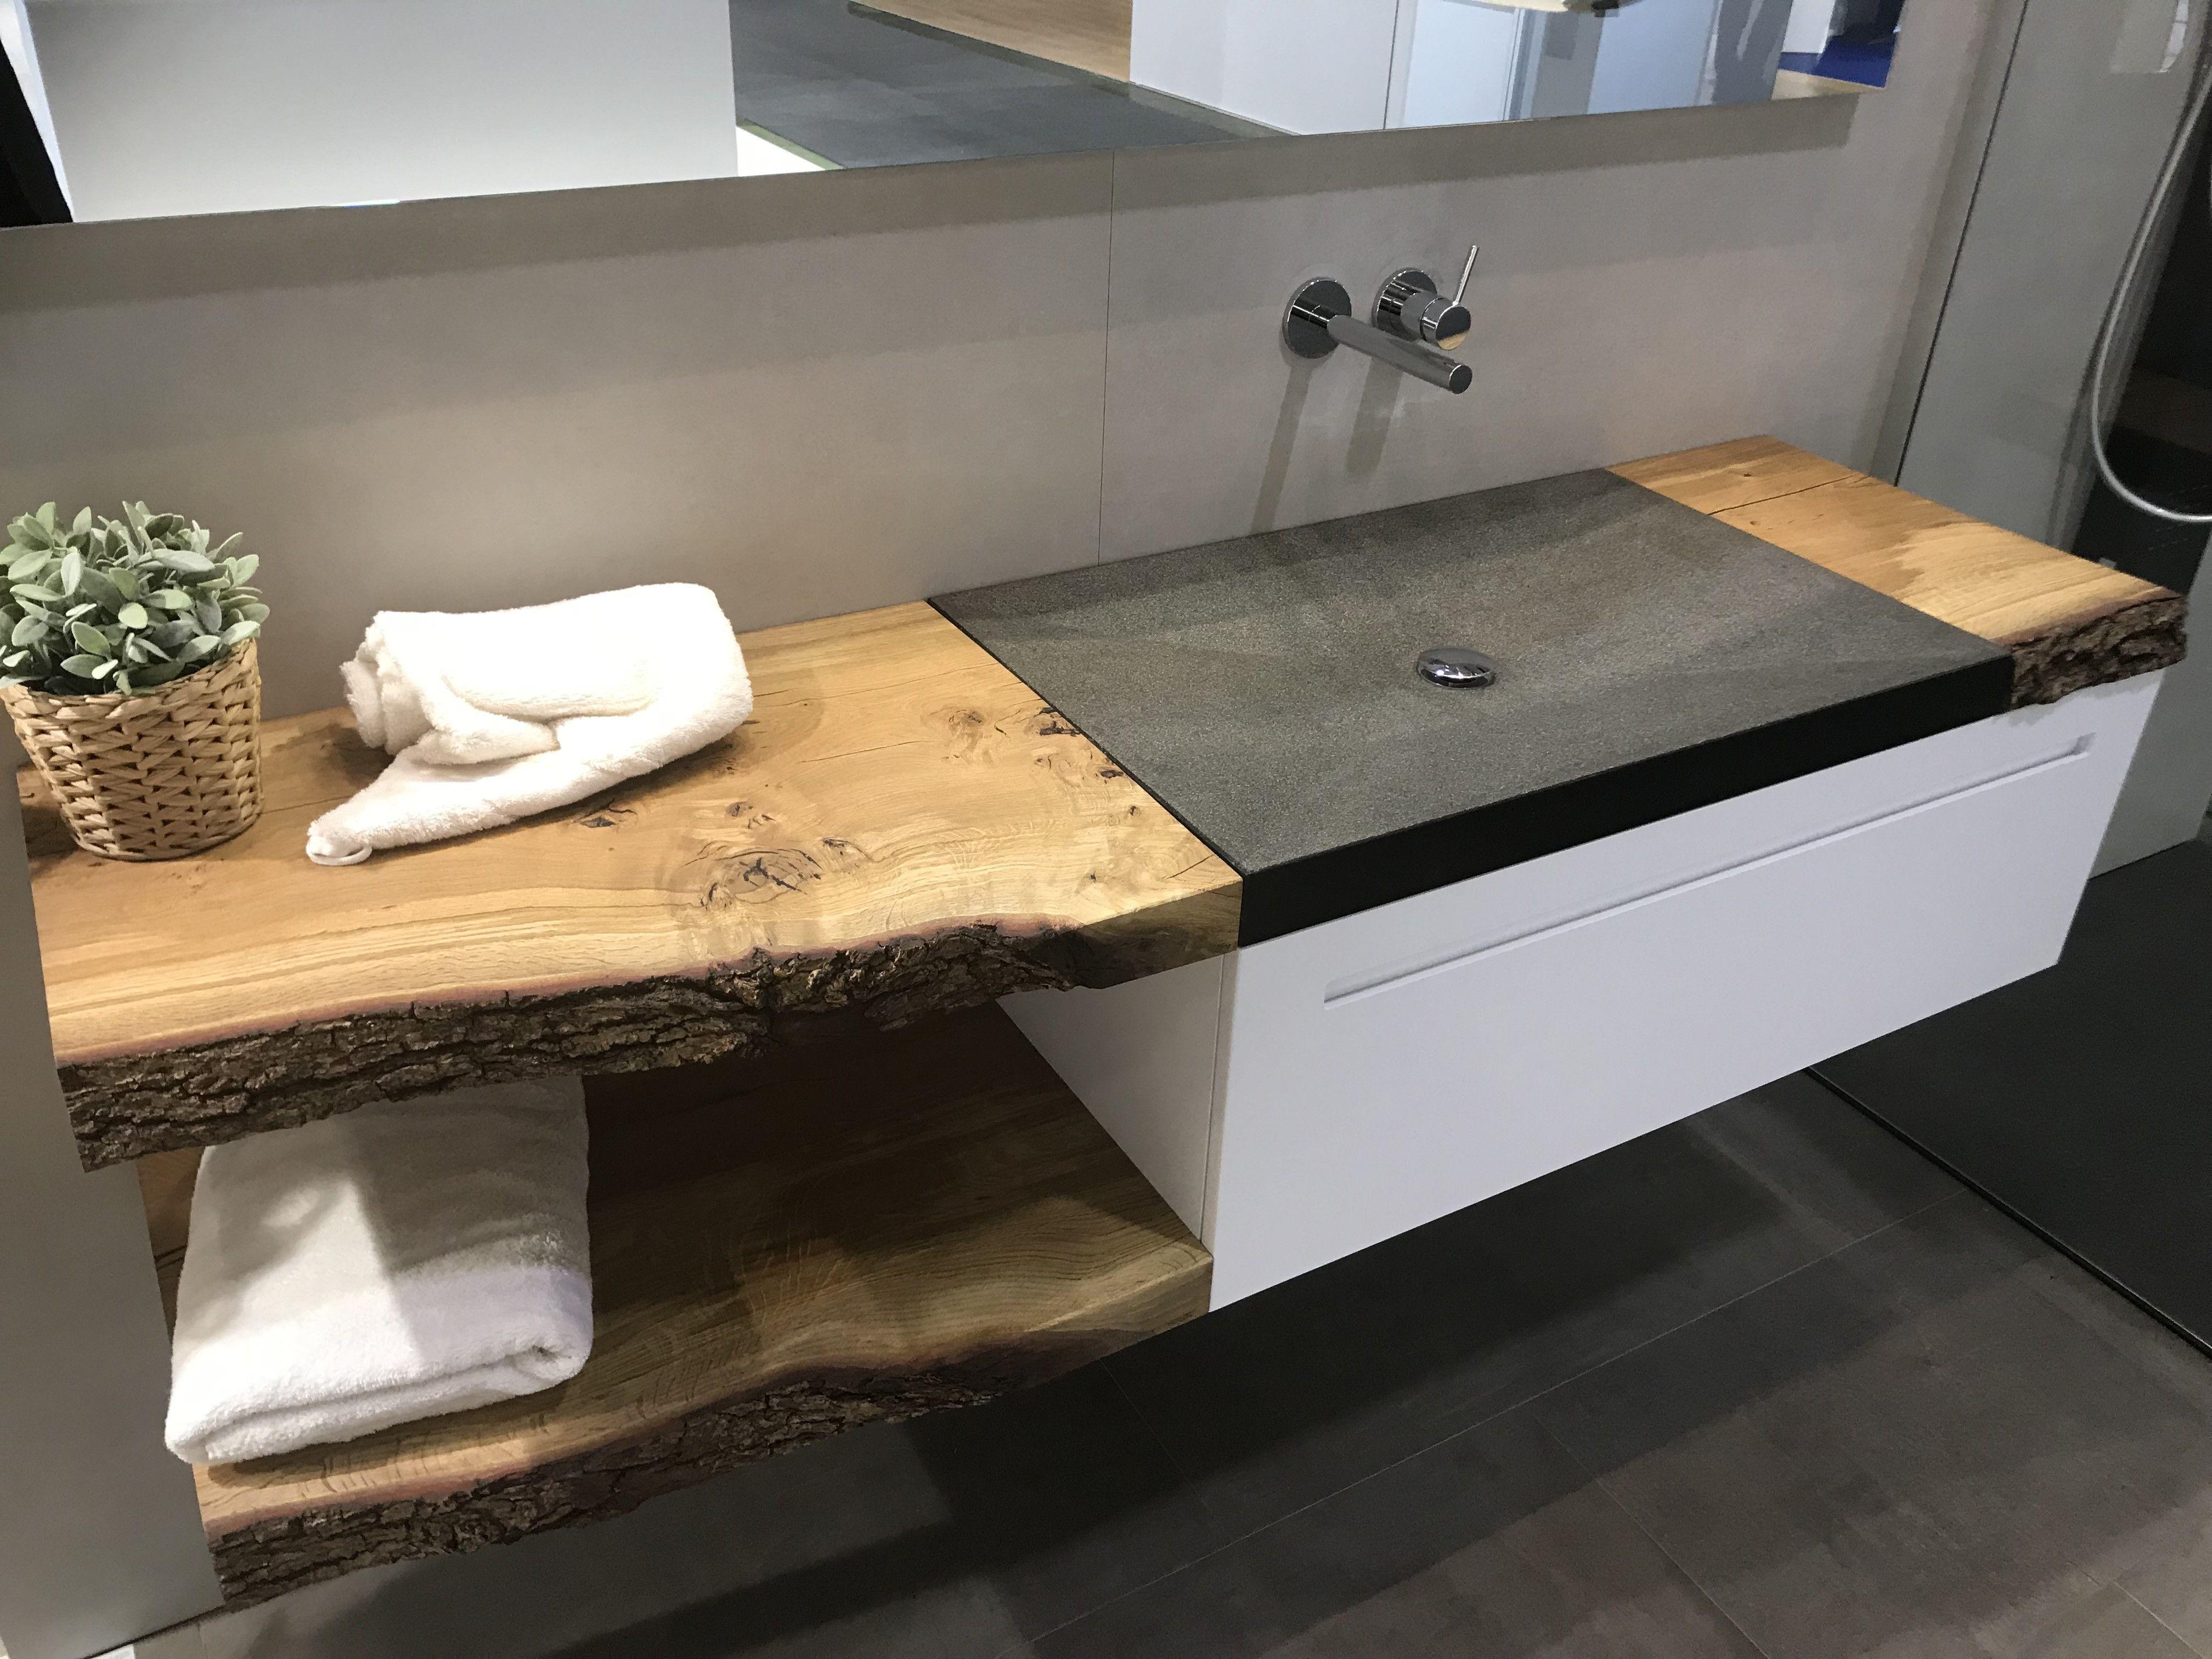 Waschtisch Aus Granit Auf Mass Abdeckung Aus Echtholz Asthetisches Und Elegantes Badezimmer Mit Bildern Badezimmer Rustikal Badezimmer Mobel Badezimmer Holz